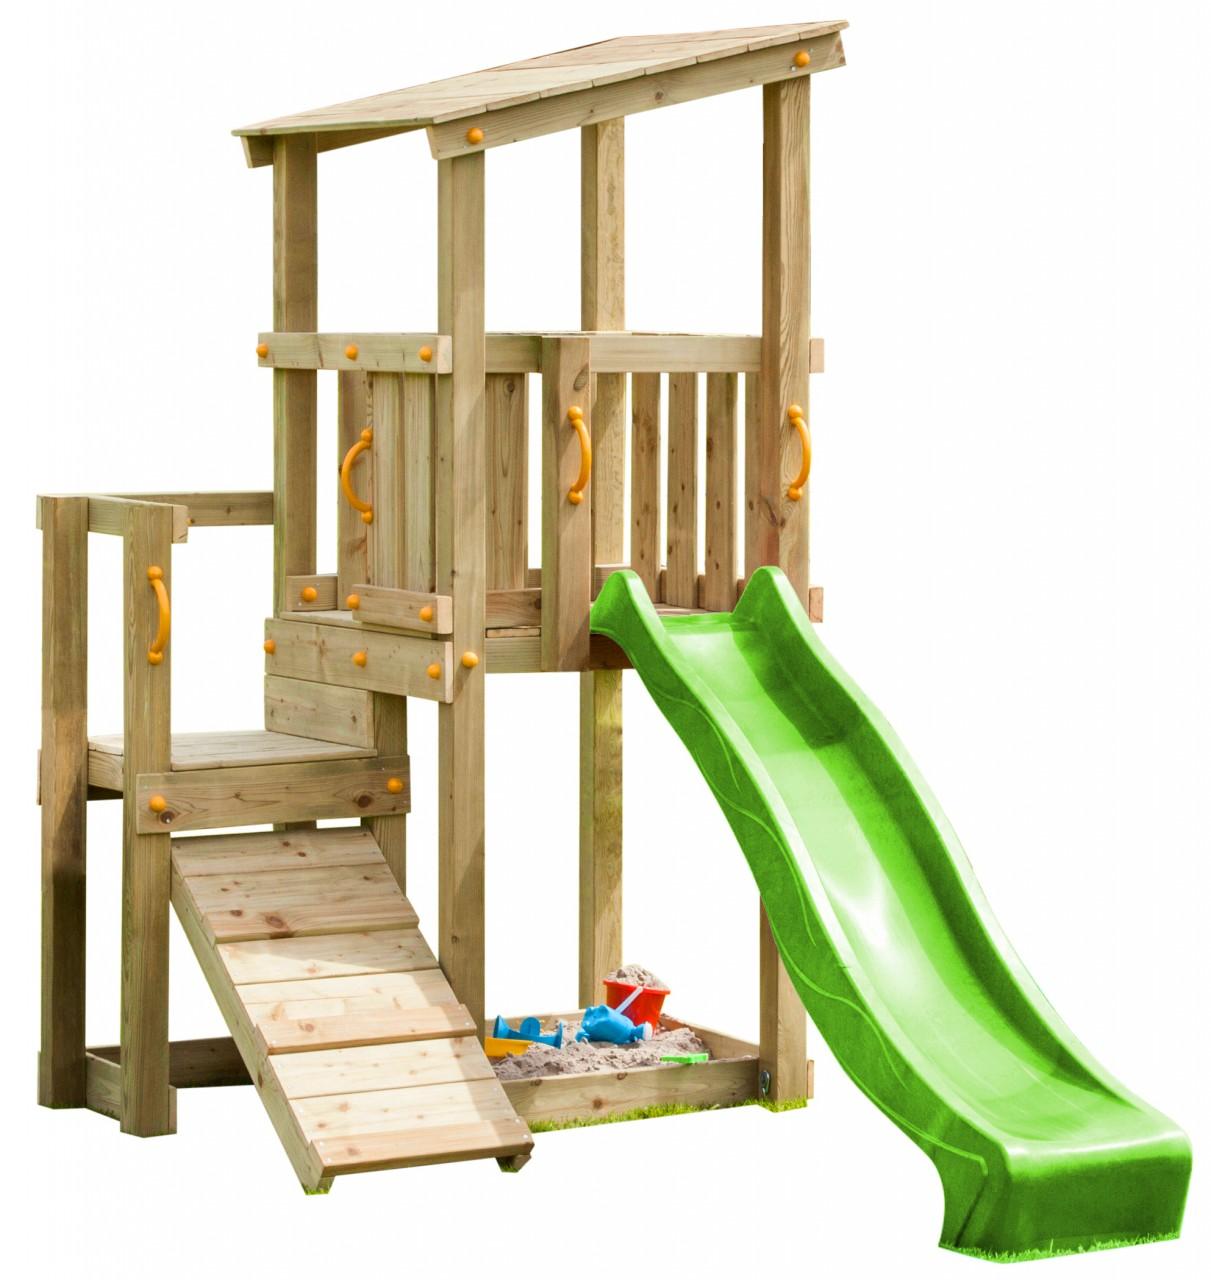 Blue Rabbit  Spielturm CASCADE mit Rutsche 2,30 m + Kletterrampe   DH453